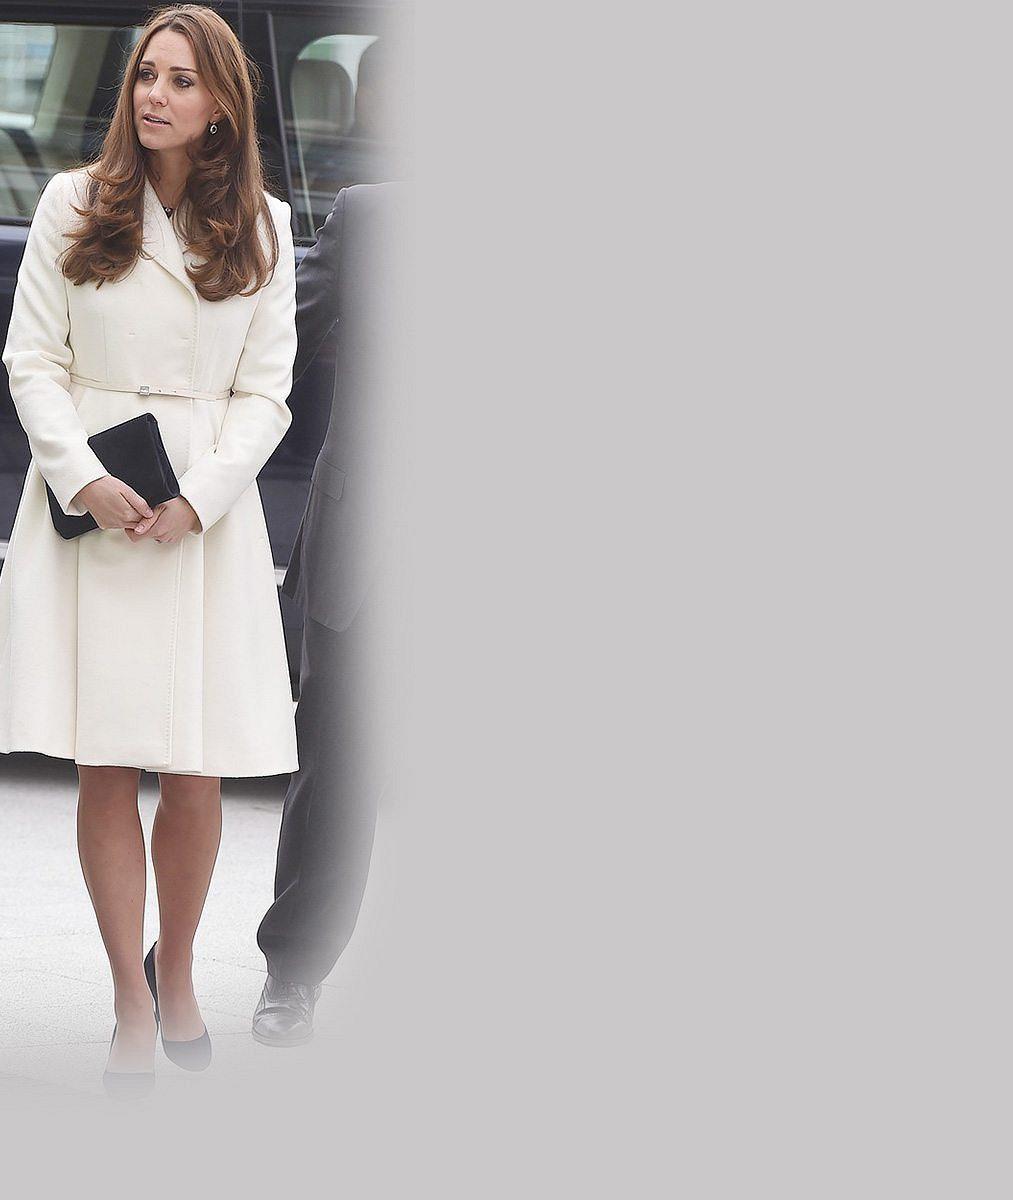 Větřík má na ni spadeno: Vévodkyni z Cambridge už zase zvedal sukni